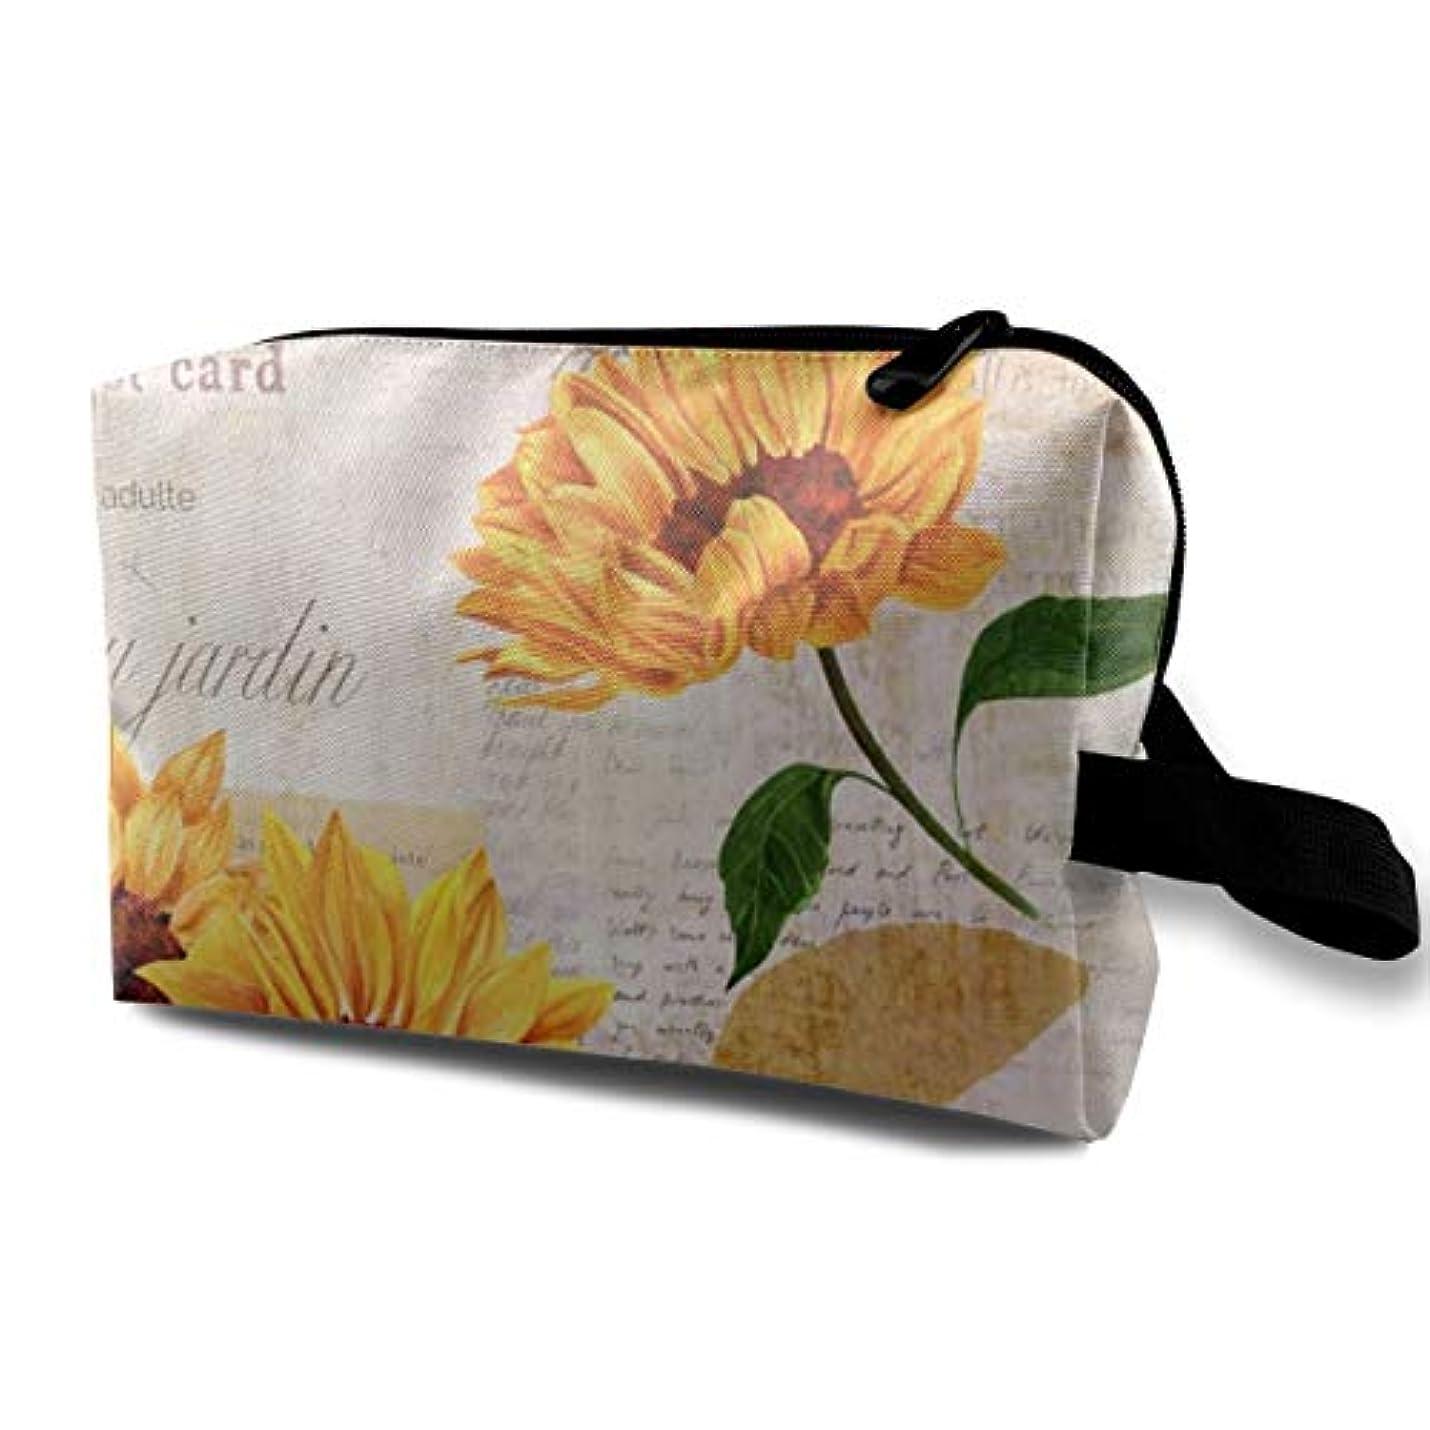 楽しむ完全に必要Yellow Watercolor Sunflowers 収納ポーチ 化粧ポーチ 大容量 軽量 耐久性 ハンドル付持ち運び便利。入れ 自宅?出張?旅行?アウトドア撮影などに対応。メンズ レディース トラベルグッズ